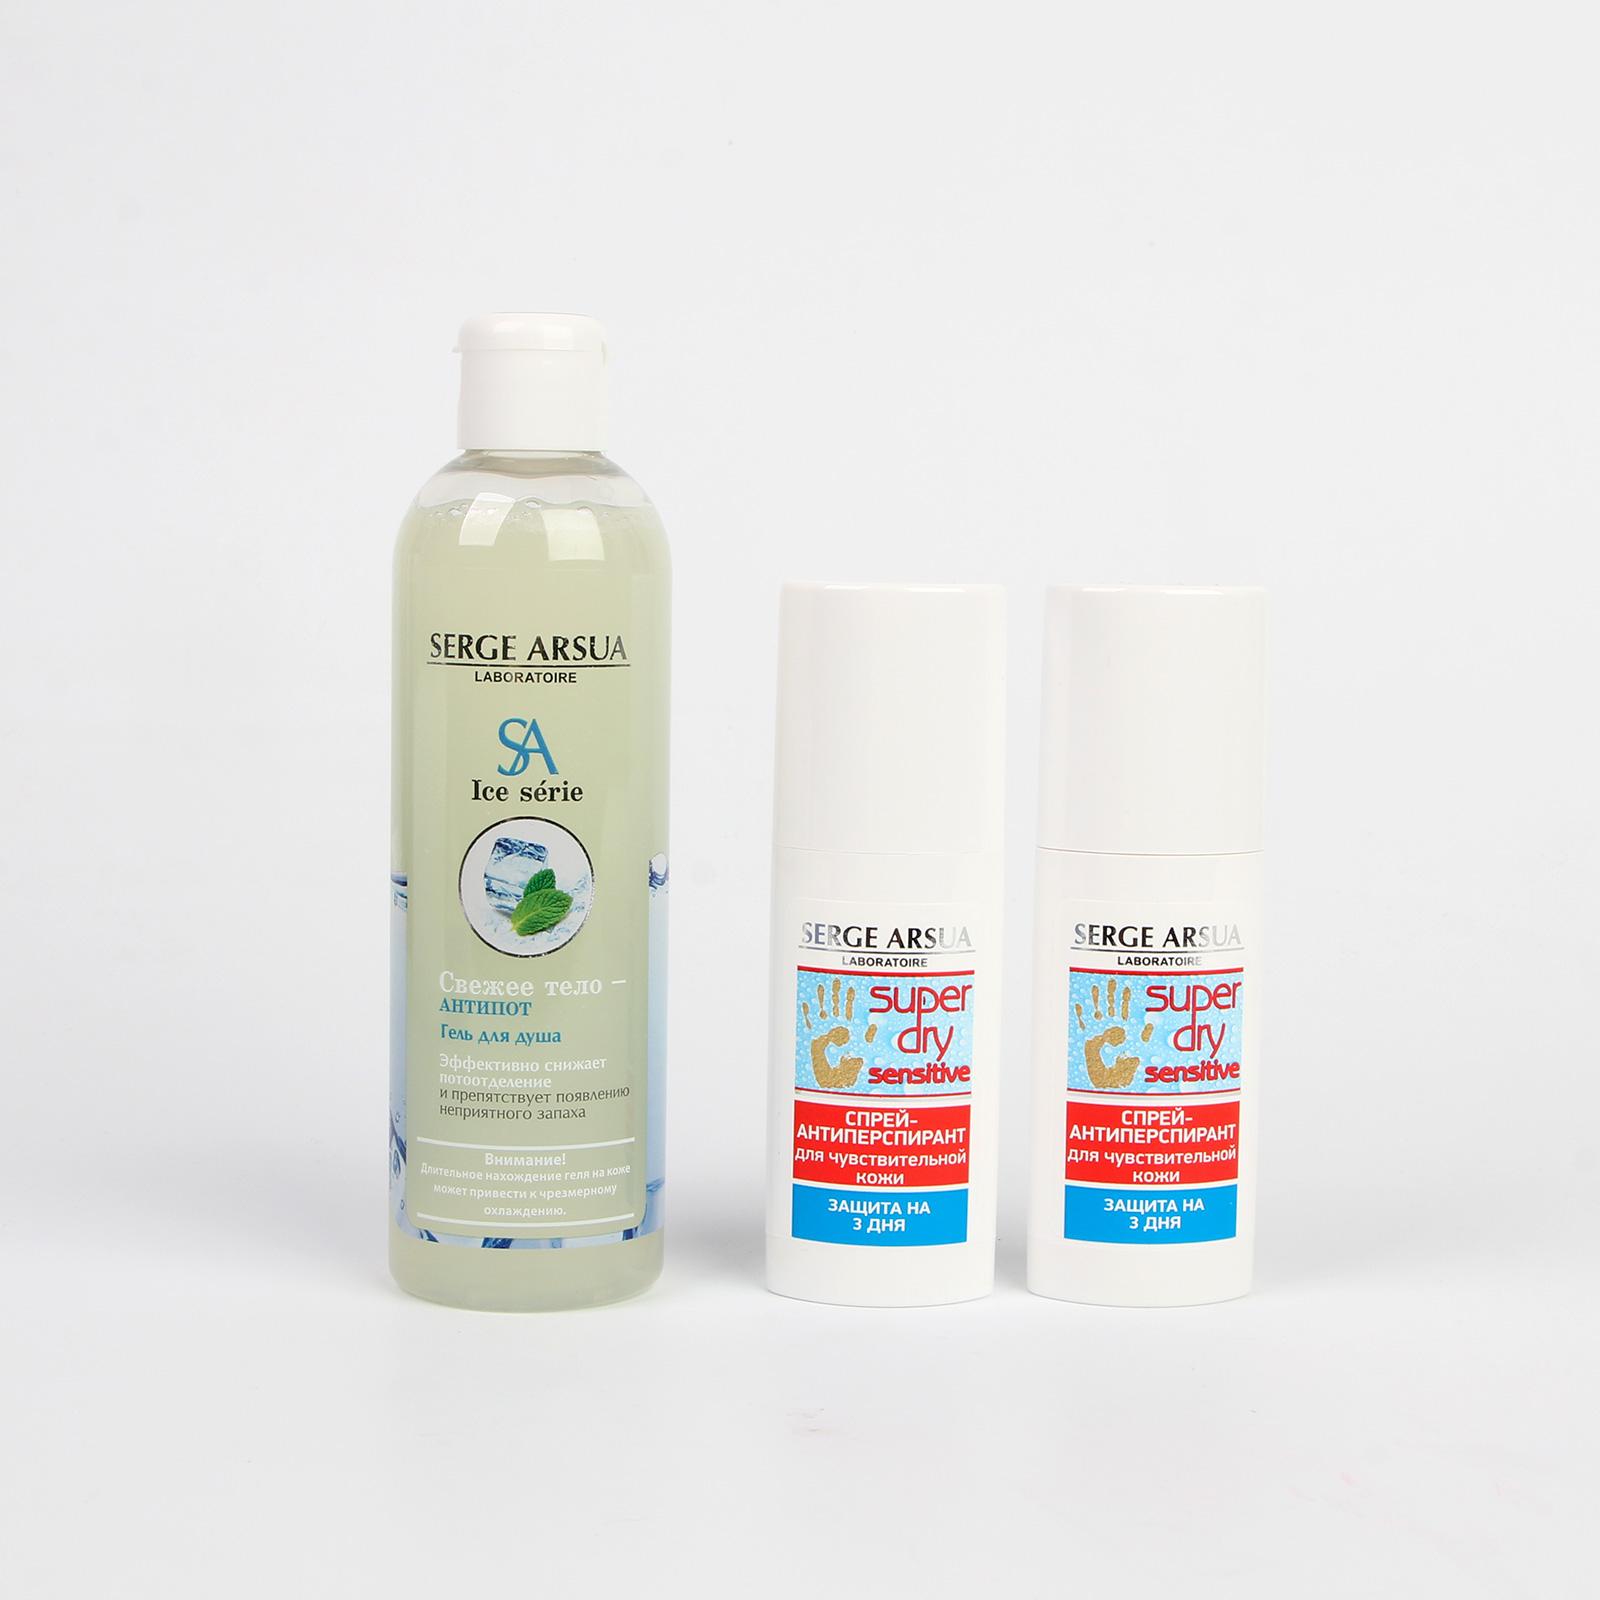 Спрей-антиперспирант для чувствительной кожи «Защита на 3 дня»